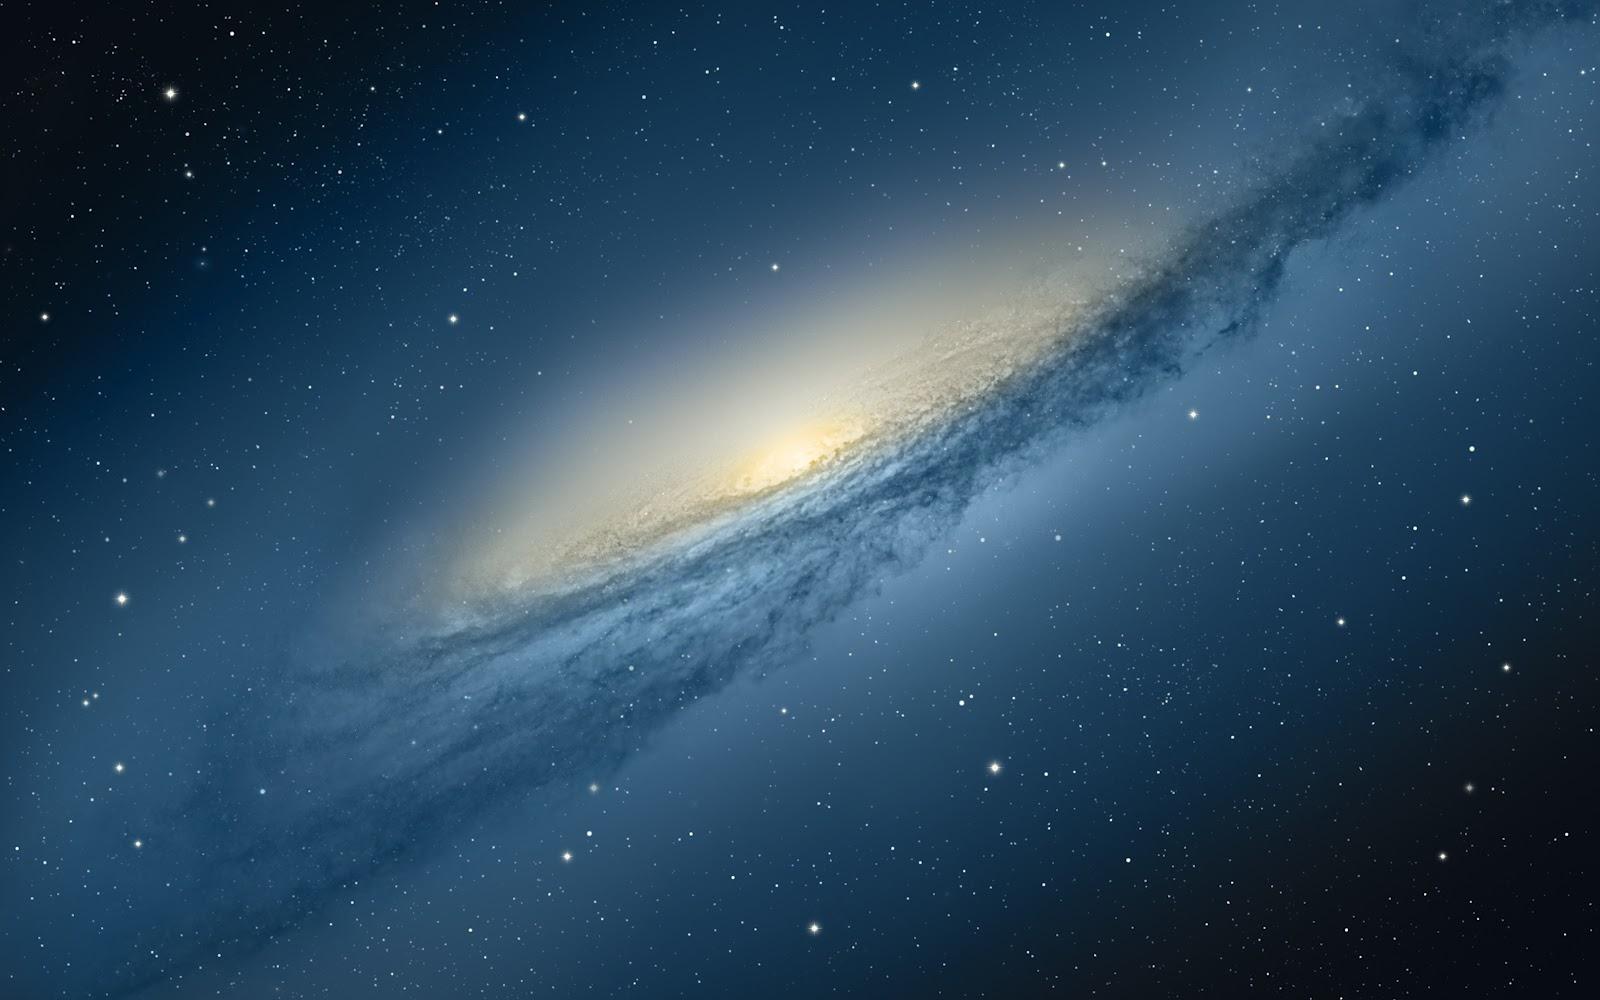 http://1.bp.blogspot.com/-VO_lHgyA-HY/T-Wtzaxs9hI/AAAAAAAABMg/KG0z1NzhcJs/s1600/Galaxy.jpg